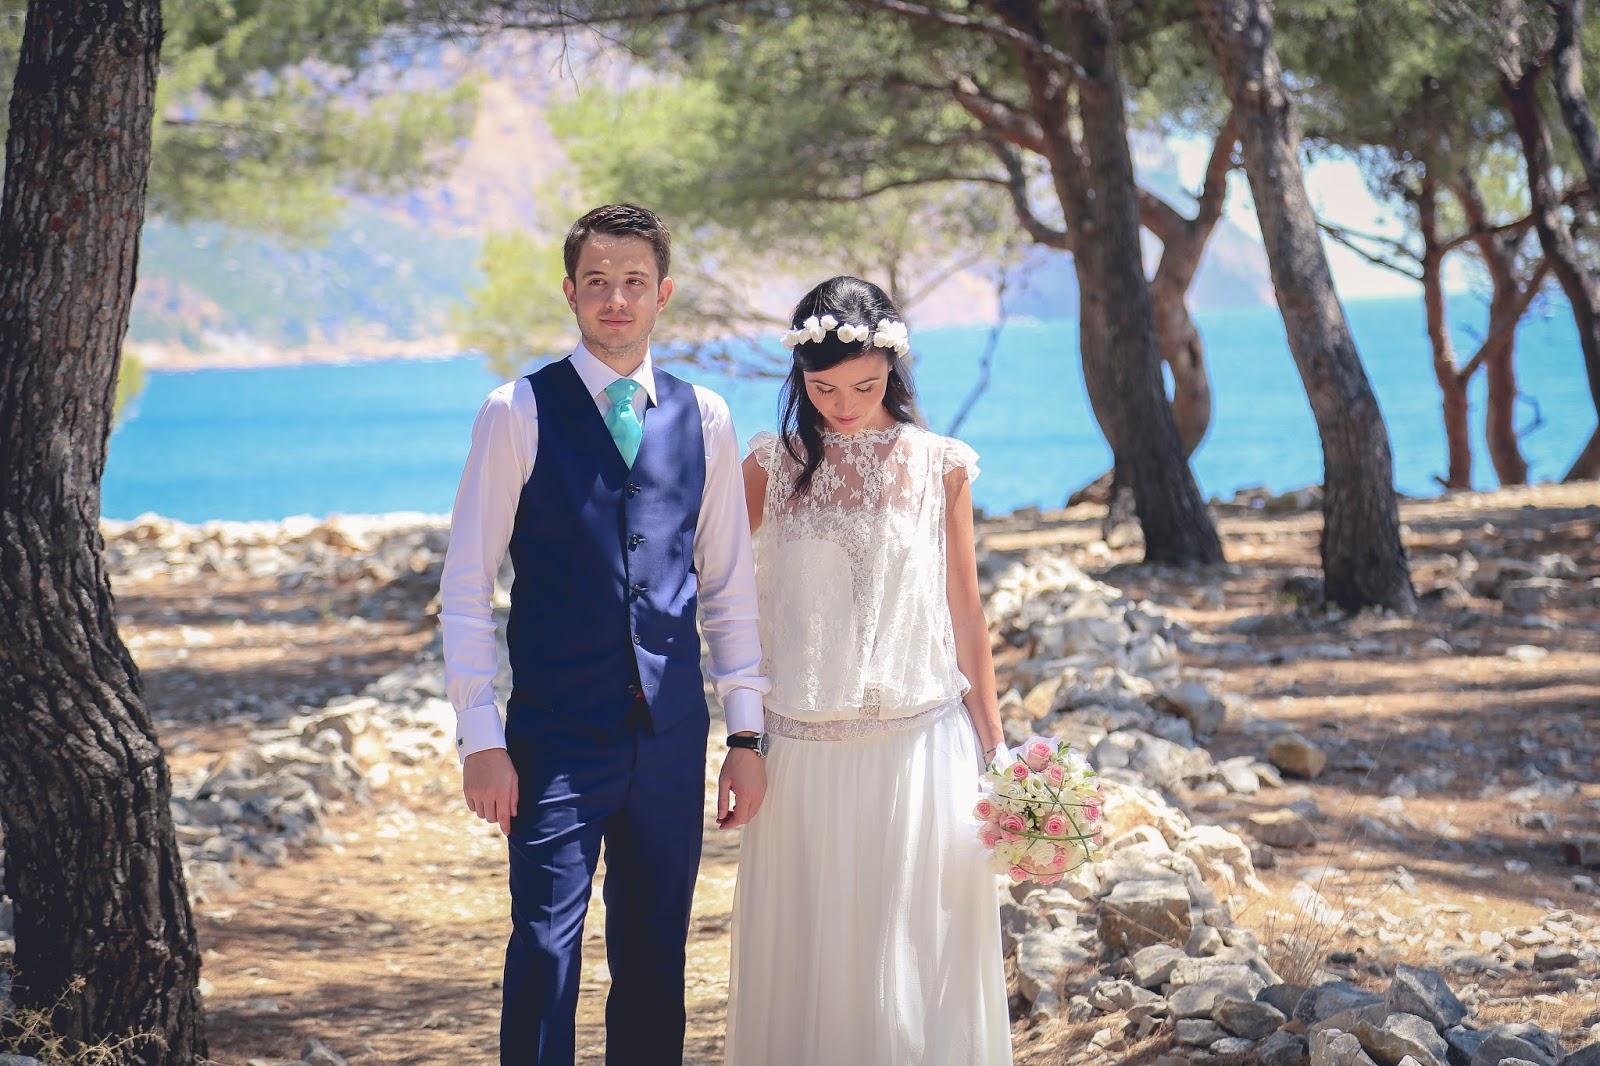 Les Moineaux De La Mariée les moineaux de la mariée: {vrai mariage} aurélie & thomas